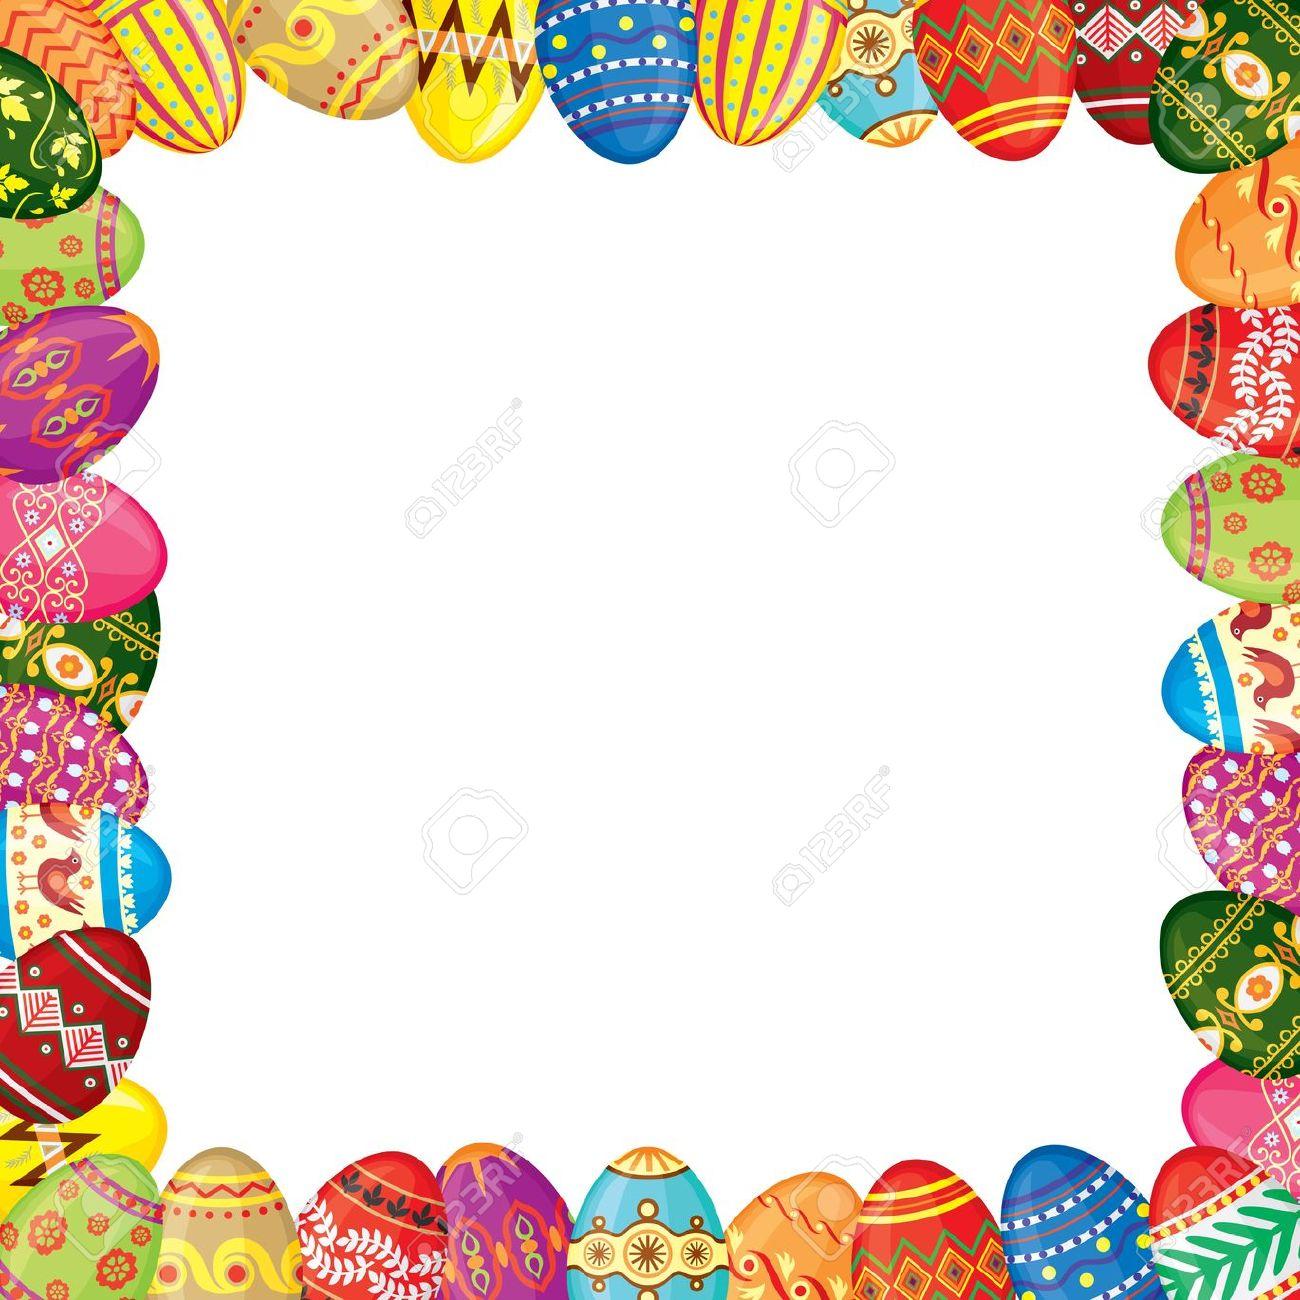 1300x1300 Easter Egg Border Clip Art